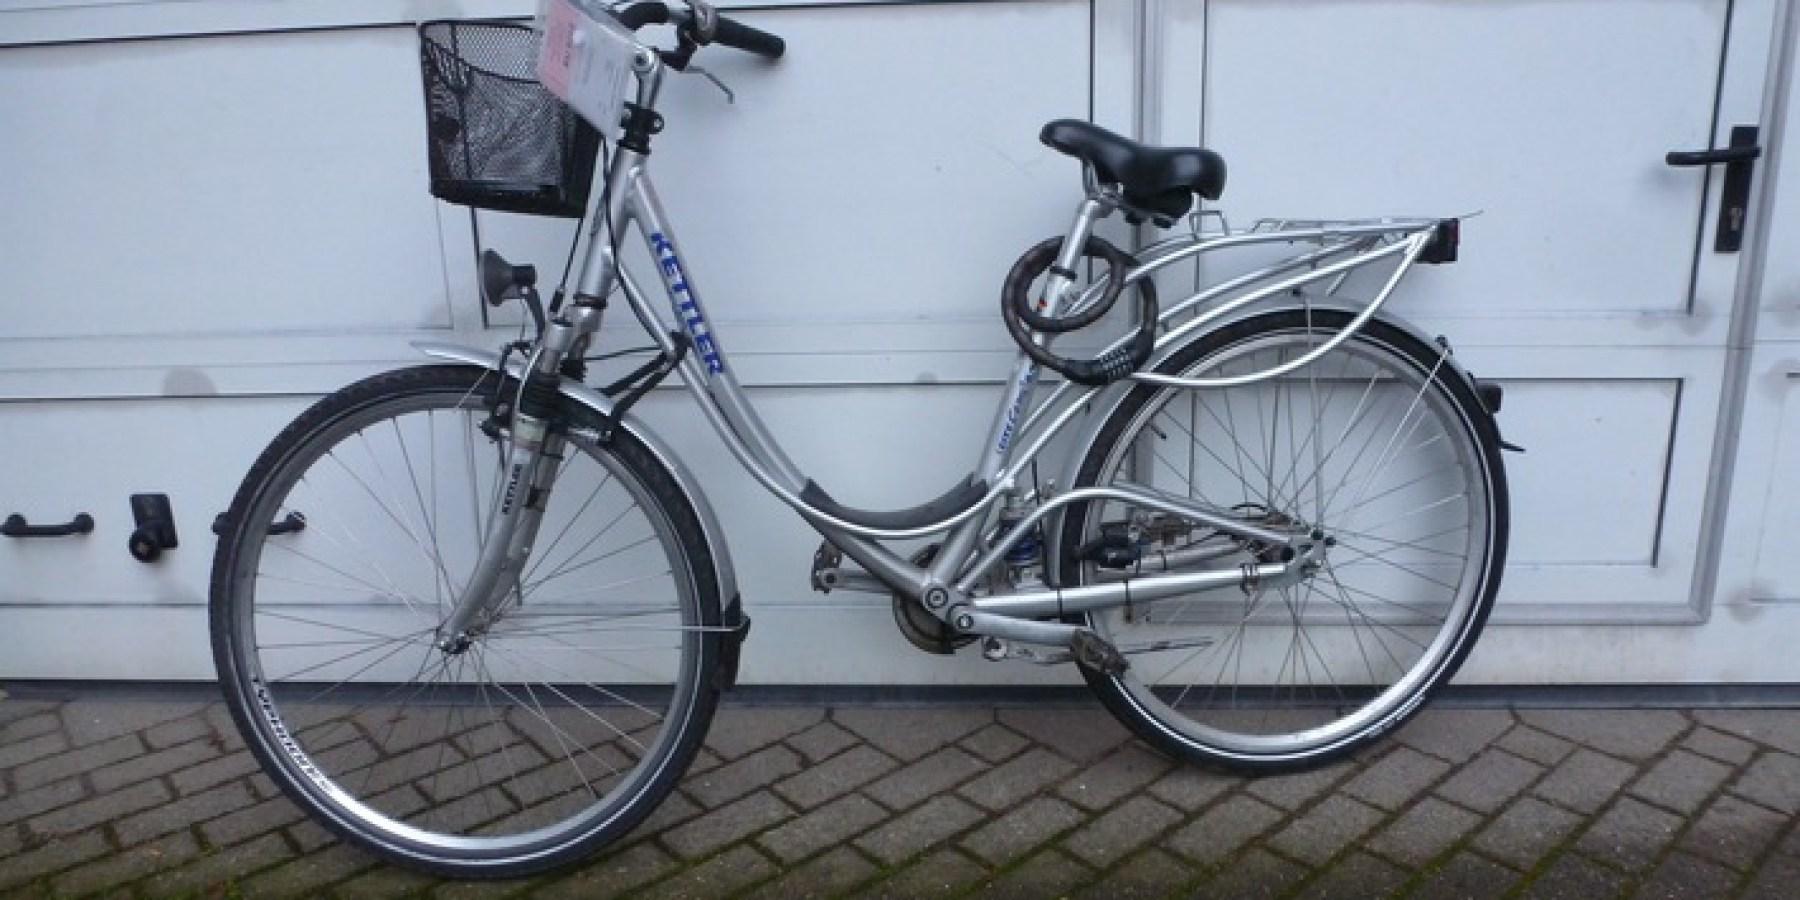 Polizei sucht Fahrradeigentümer